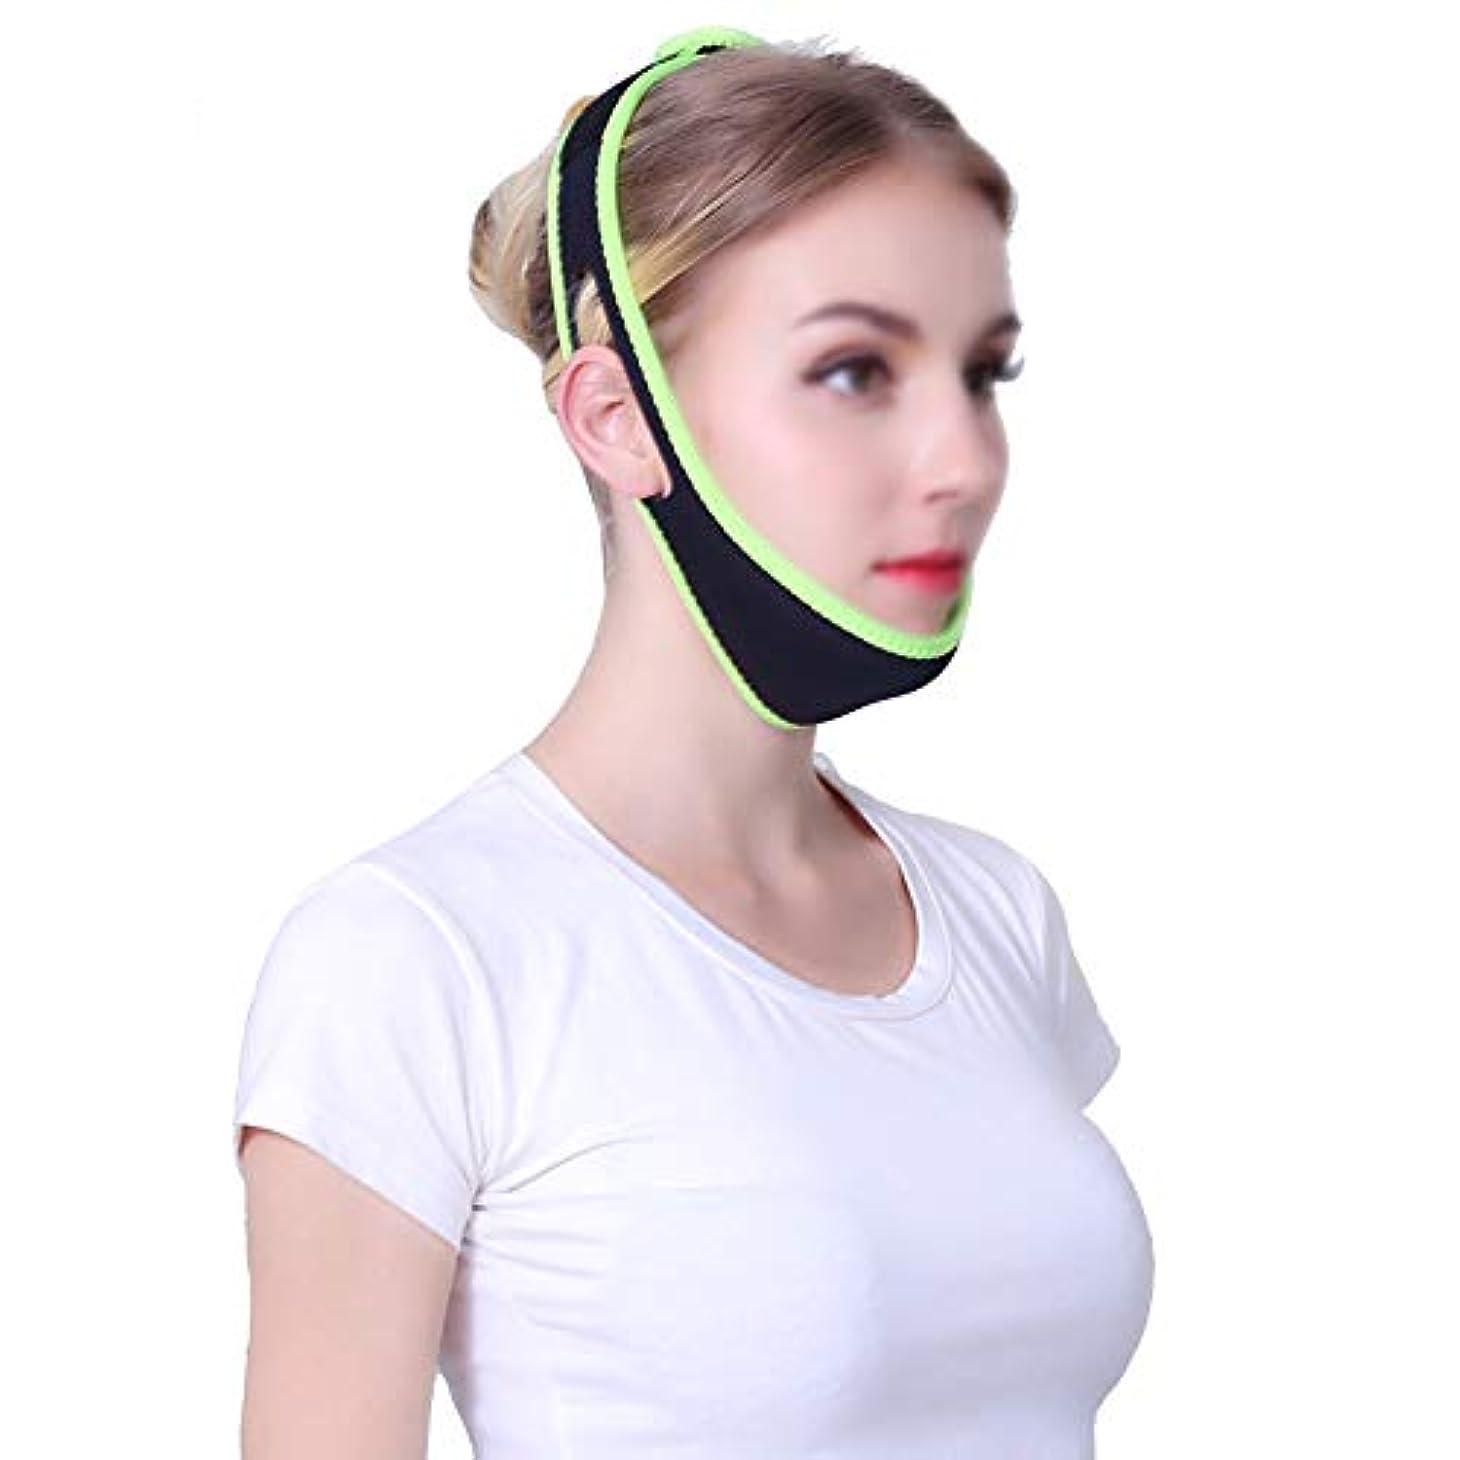 待つ挨拶トレースGLJJQMY 引き締めフェイスマスク小型Vフェイスアーティファクト睡眠薄いフェイス包帯マスクリフティングマスク引き締めクリームフェイスリフティングフェイス楽器 顔用整形マスク